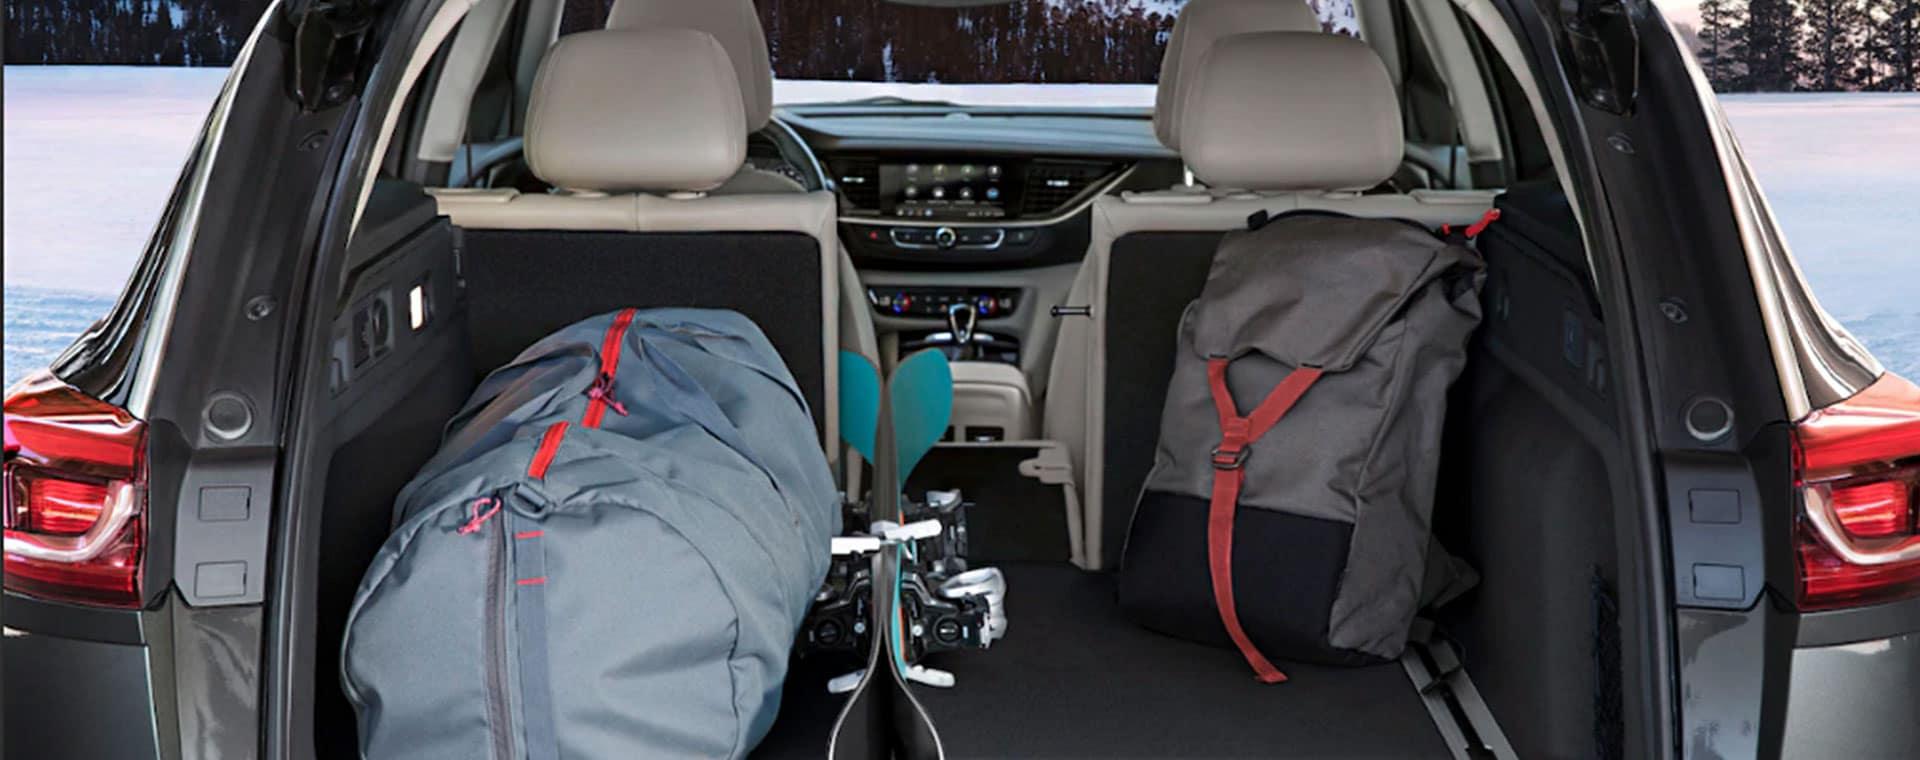 SoCal Buick GMC 2018 Regal TourX